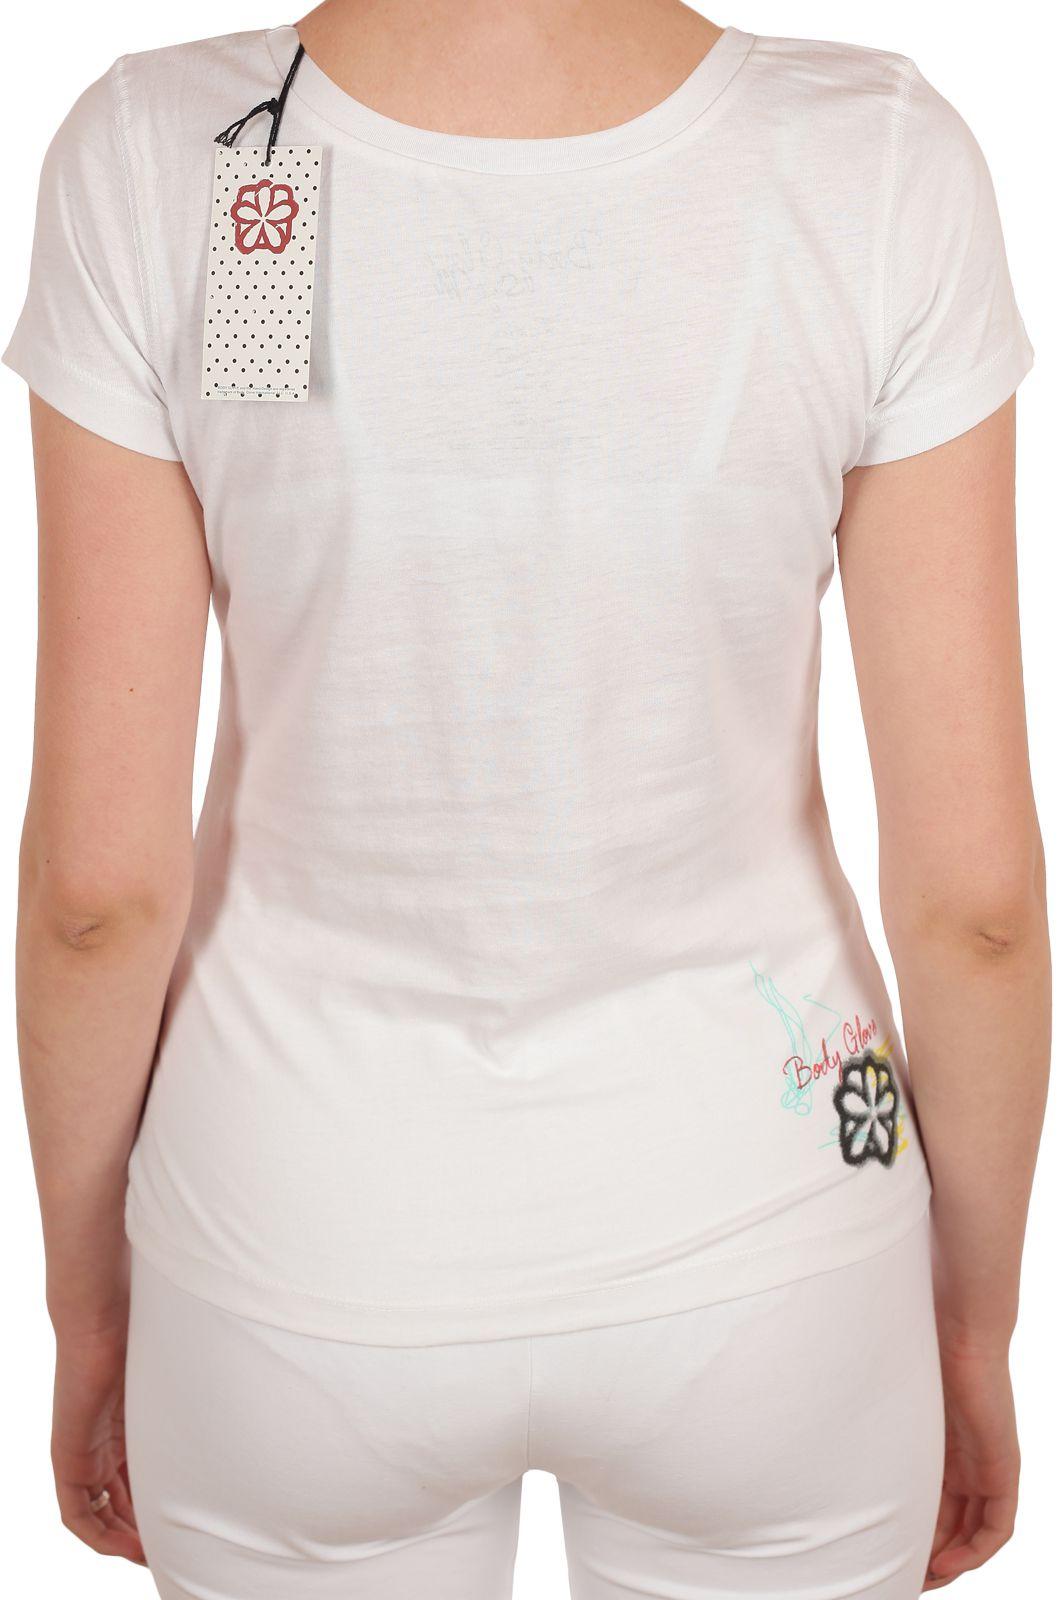 Женская элегантная футболка от Body Glove® - вид сзади